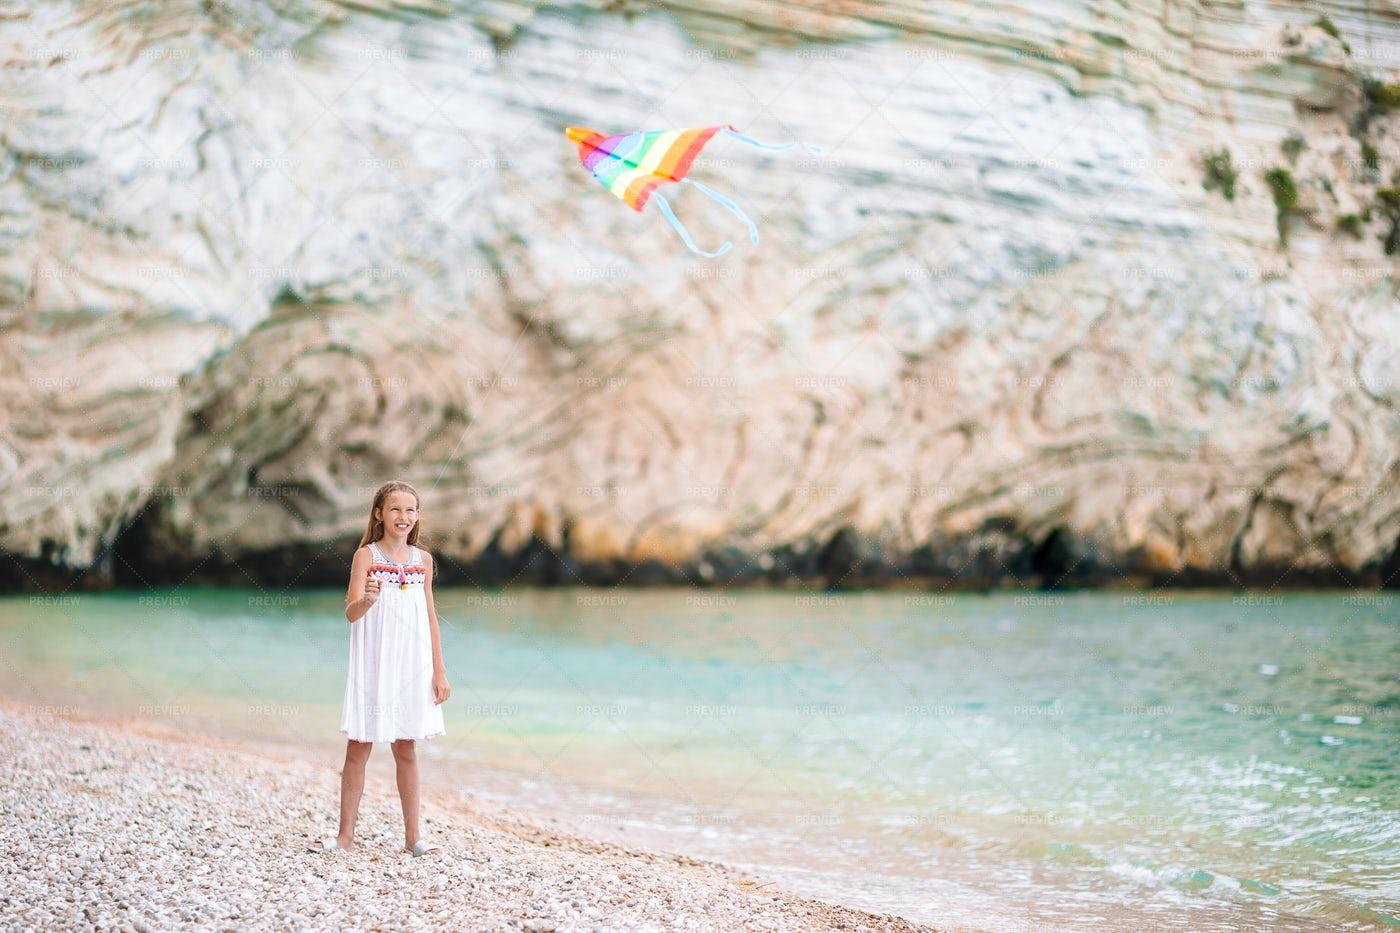 Little Girl Flying A Kite On The Beach: Stock Photos